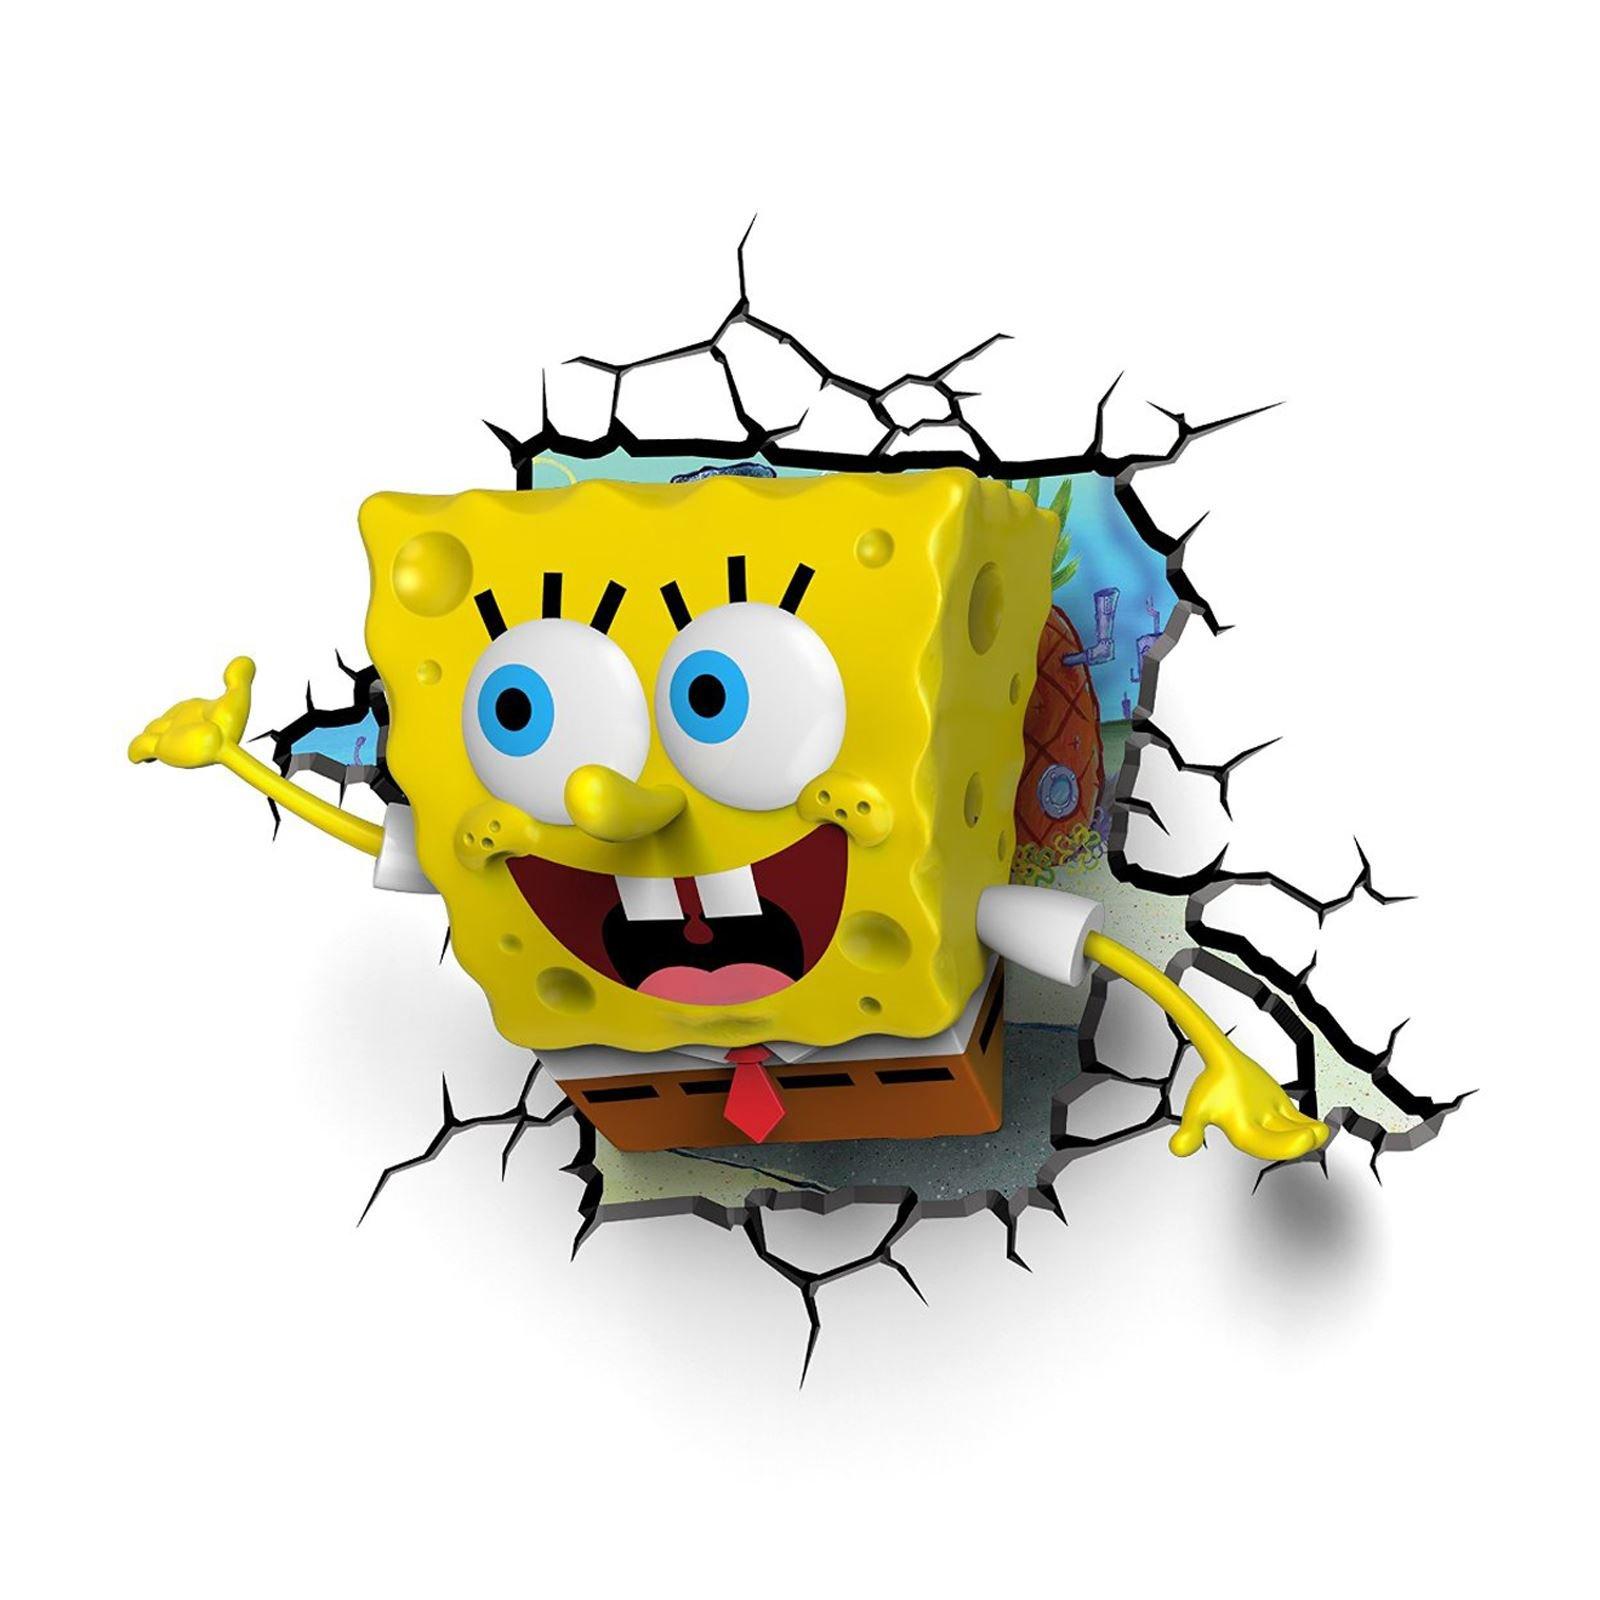 Cheap Spongebob Wall, find Spongebob Wall deals on line at Alibaba.com